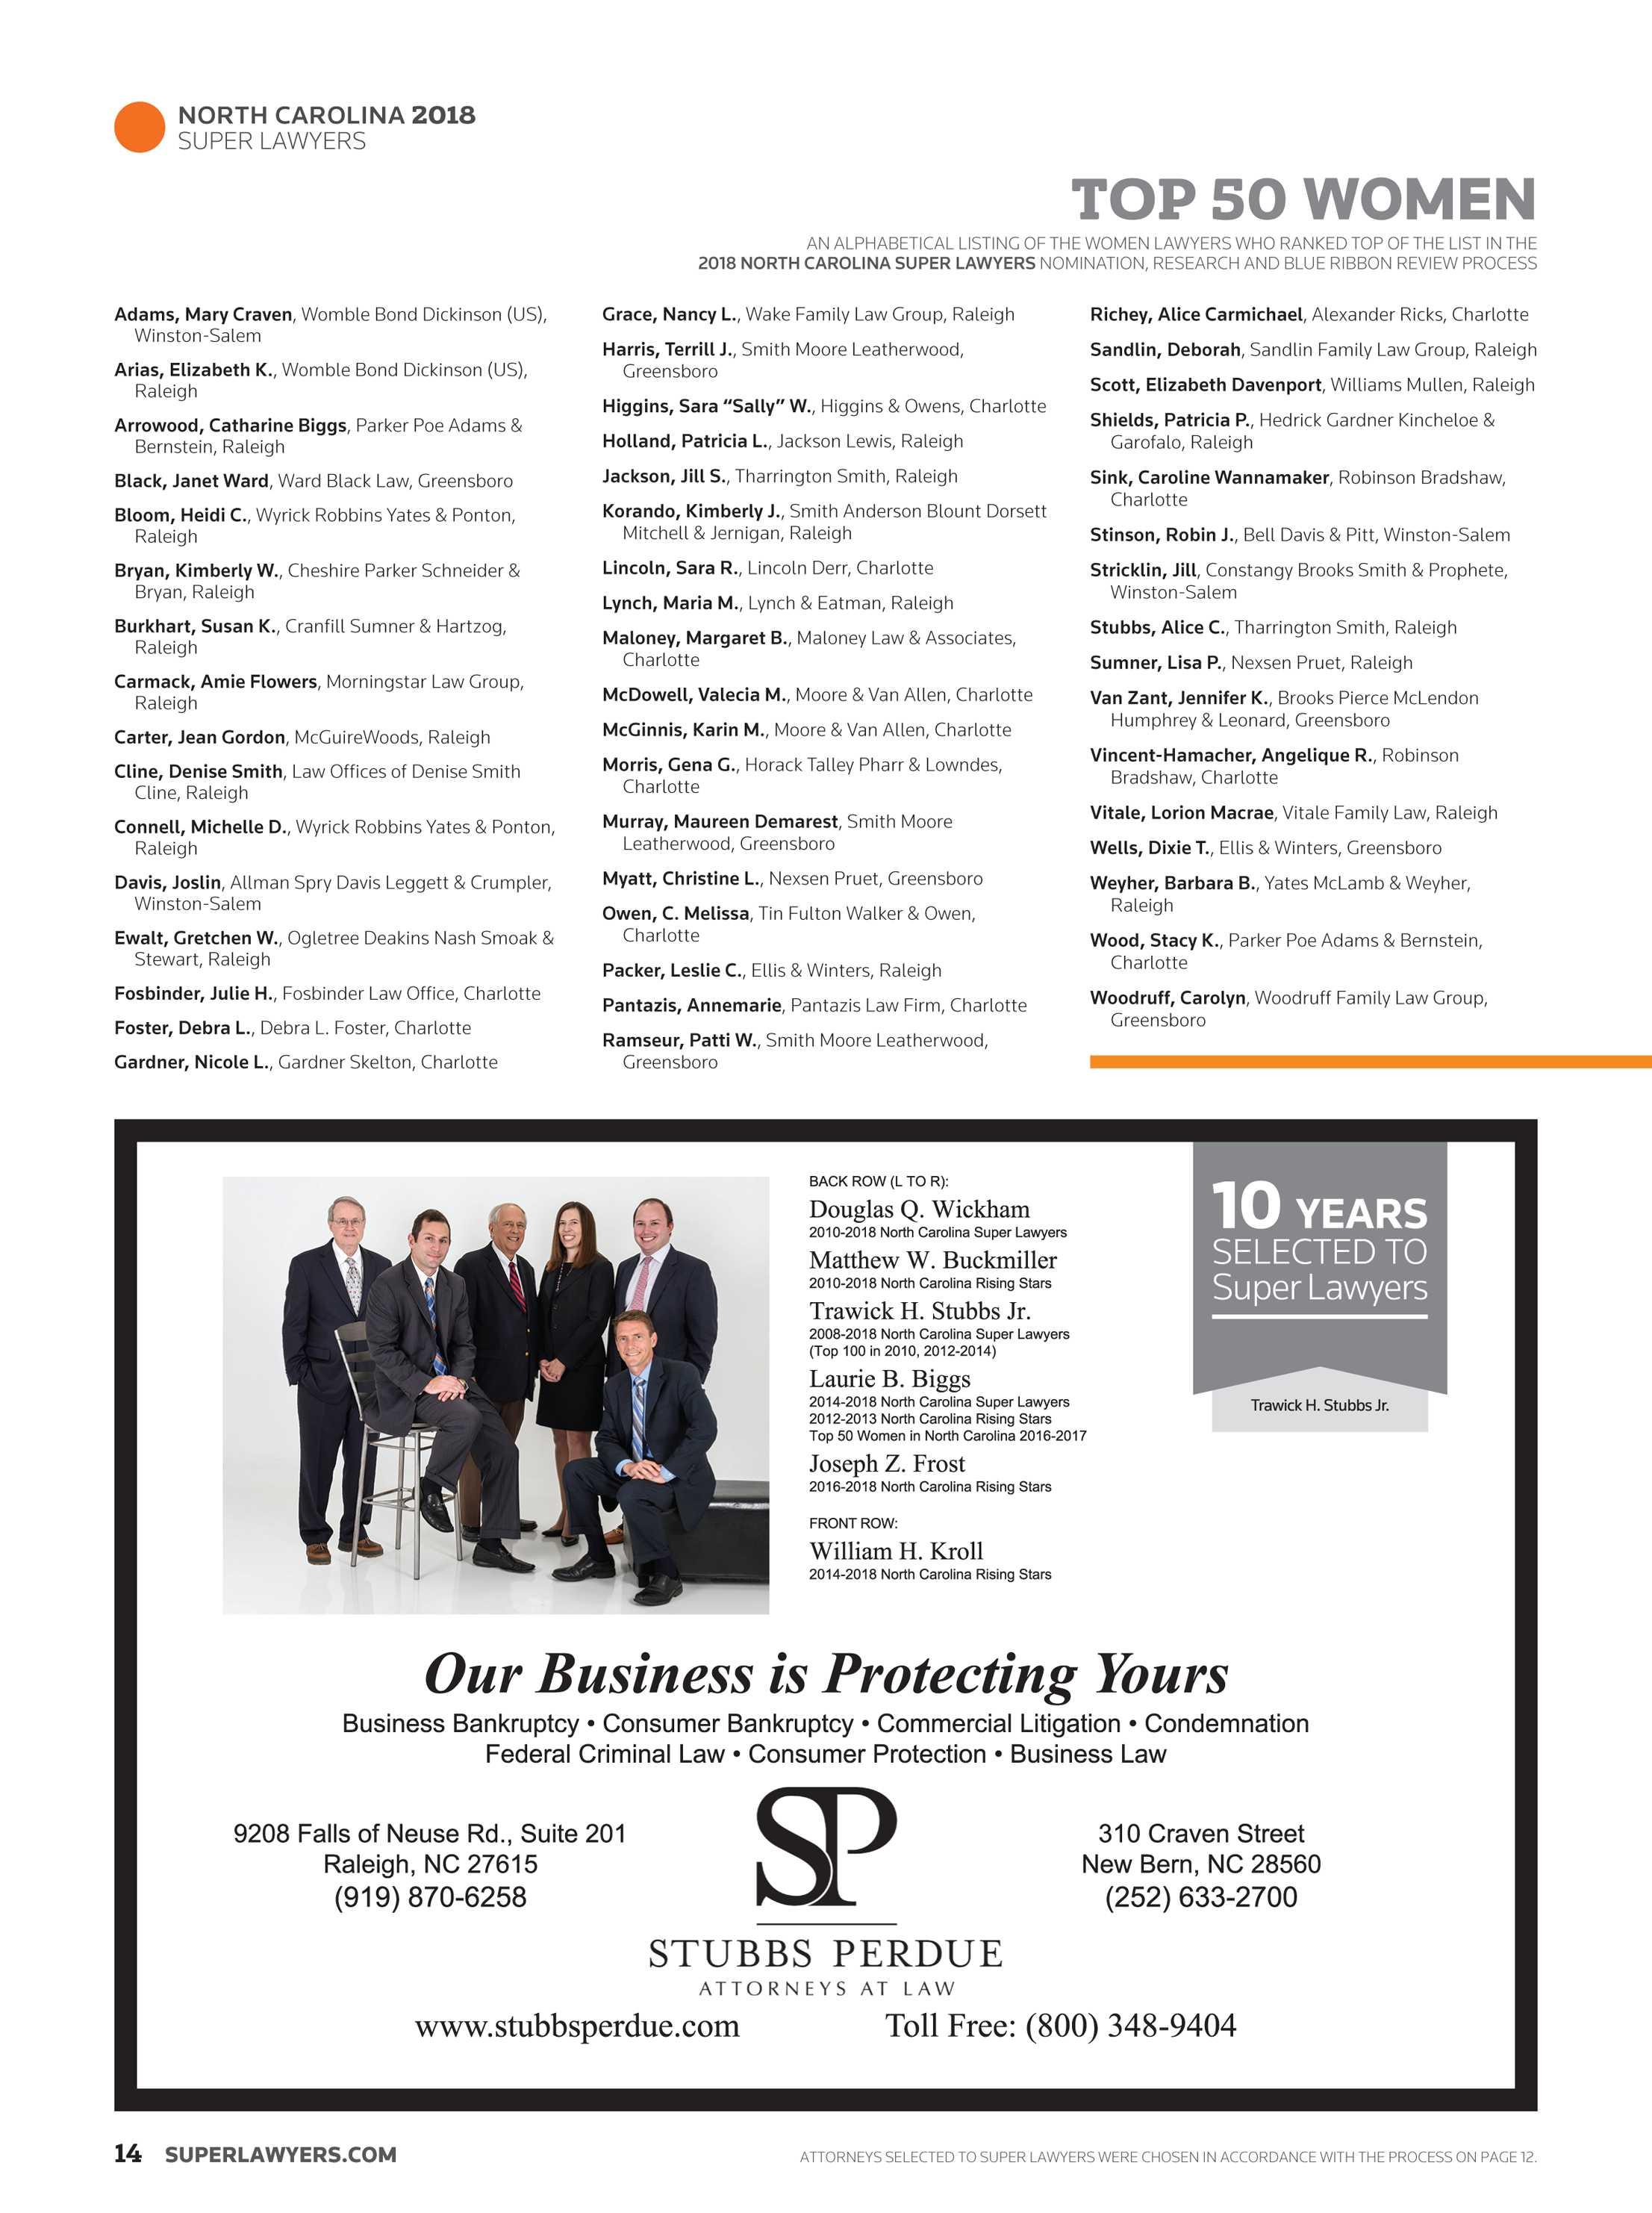 Super Lawyers - North Carolina 2018 - page 14